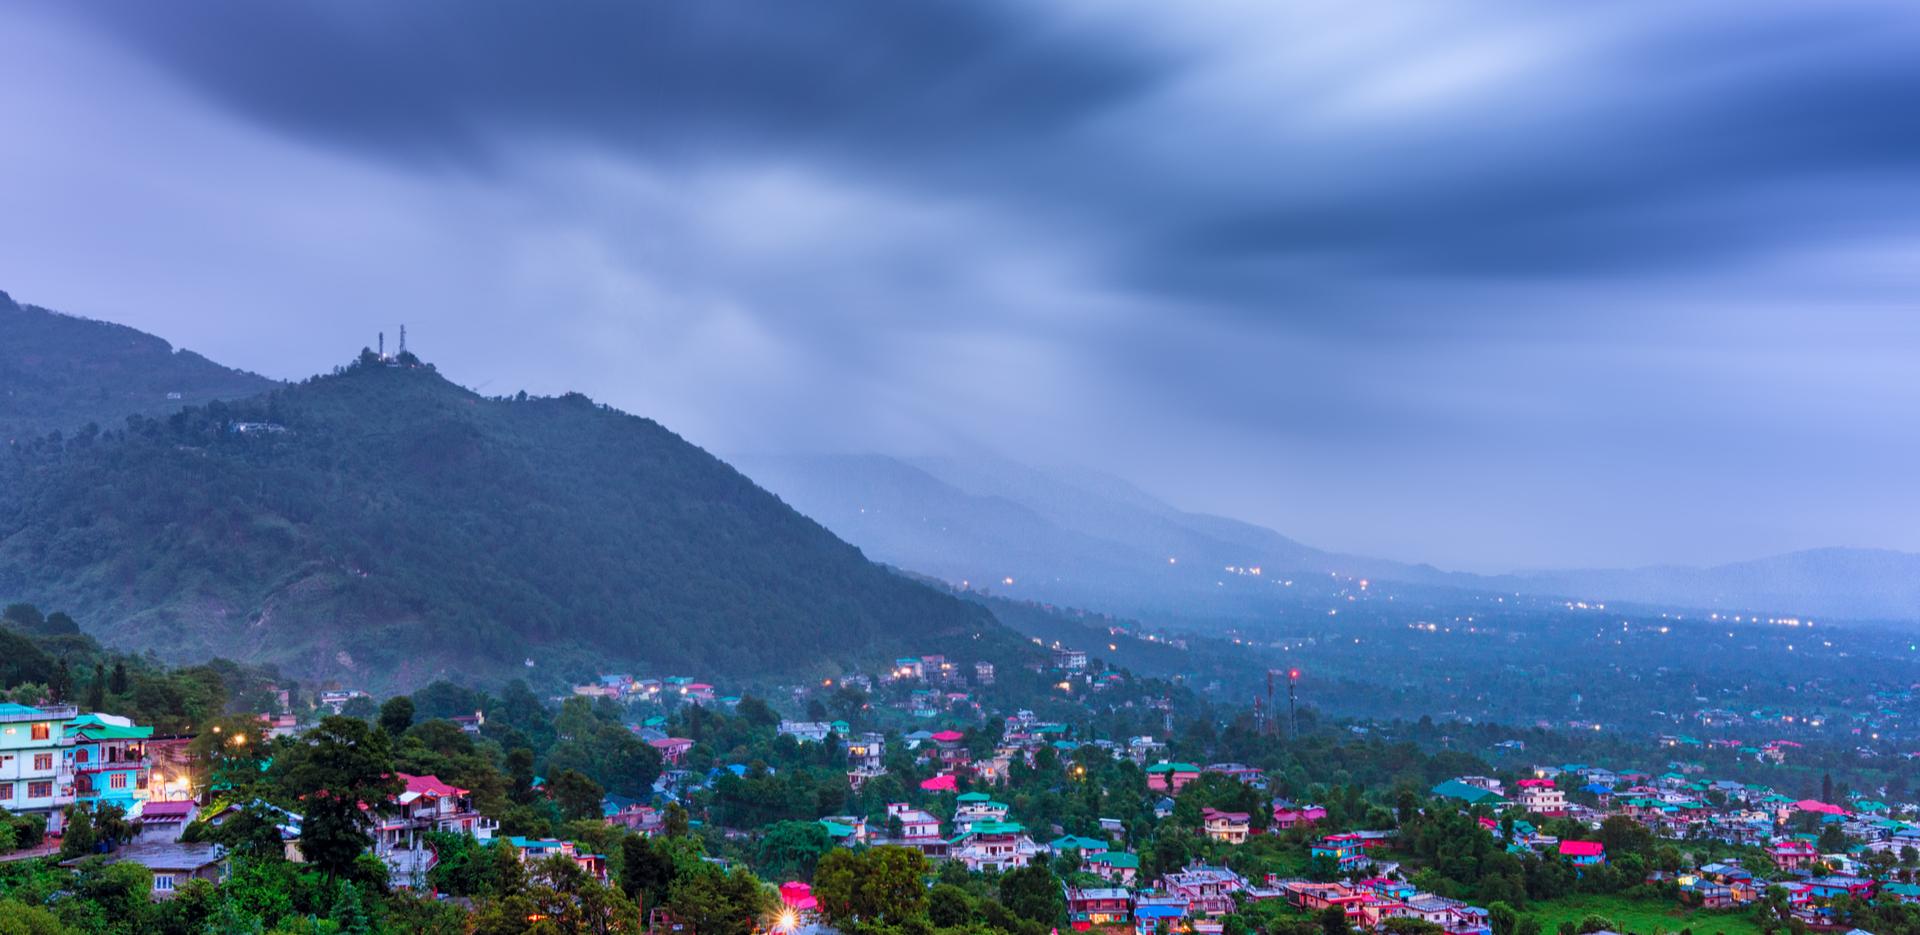 Dharamshala city